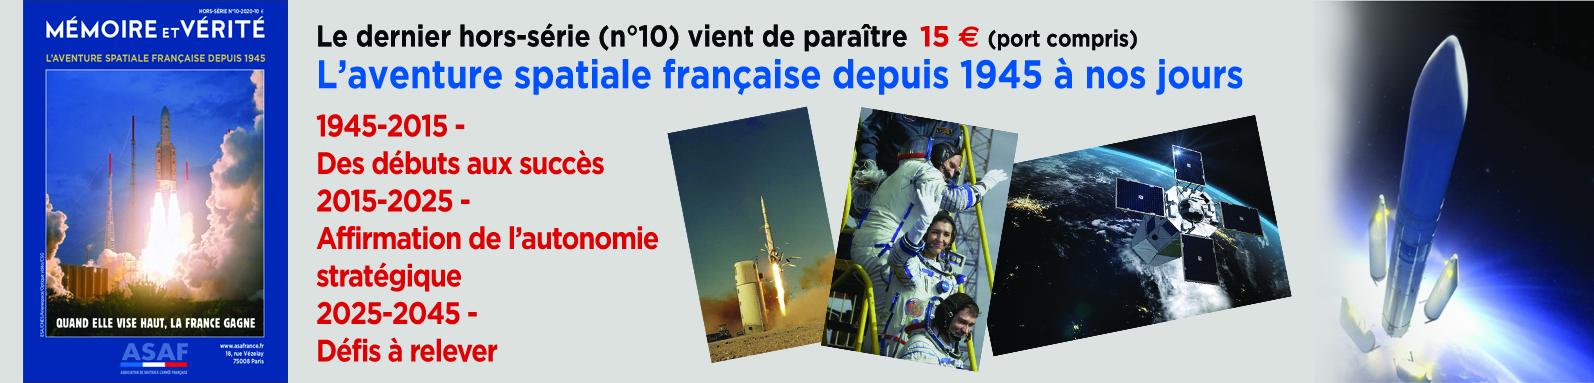 bandeau-hs-Aventure-spatiale-francaise-depuis-1945